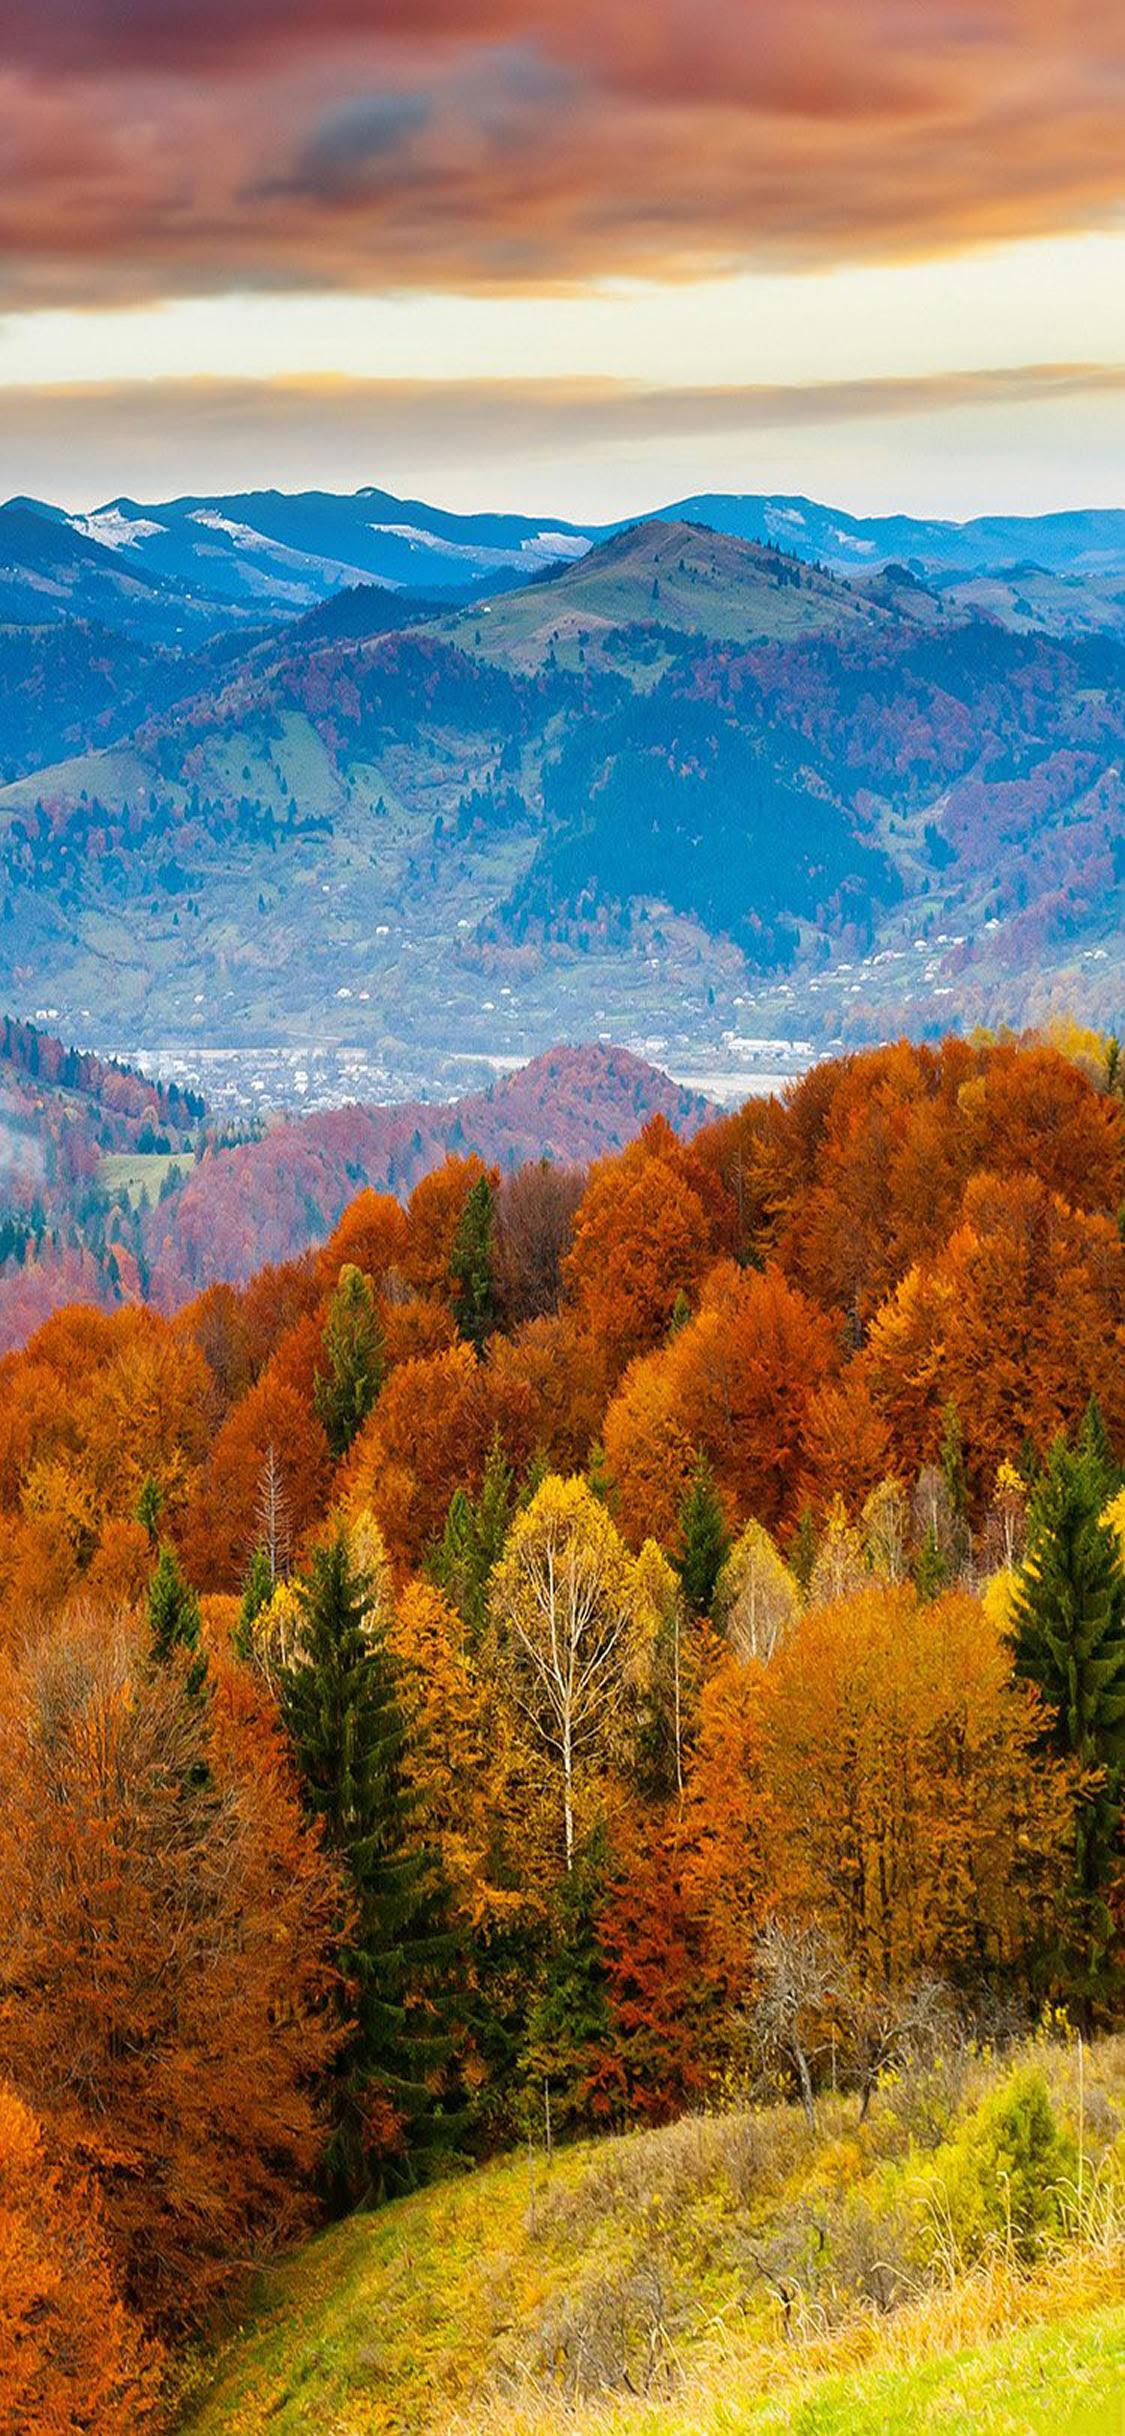 秋の山ラスティ森の色iphonex壁紙 Iphoneチーズ